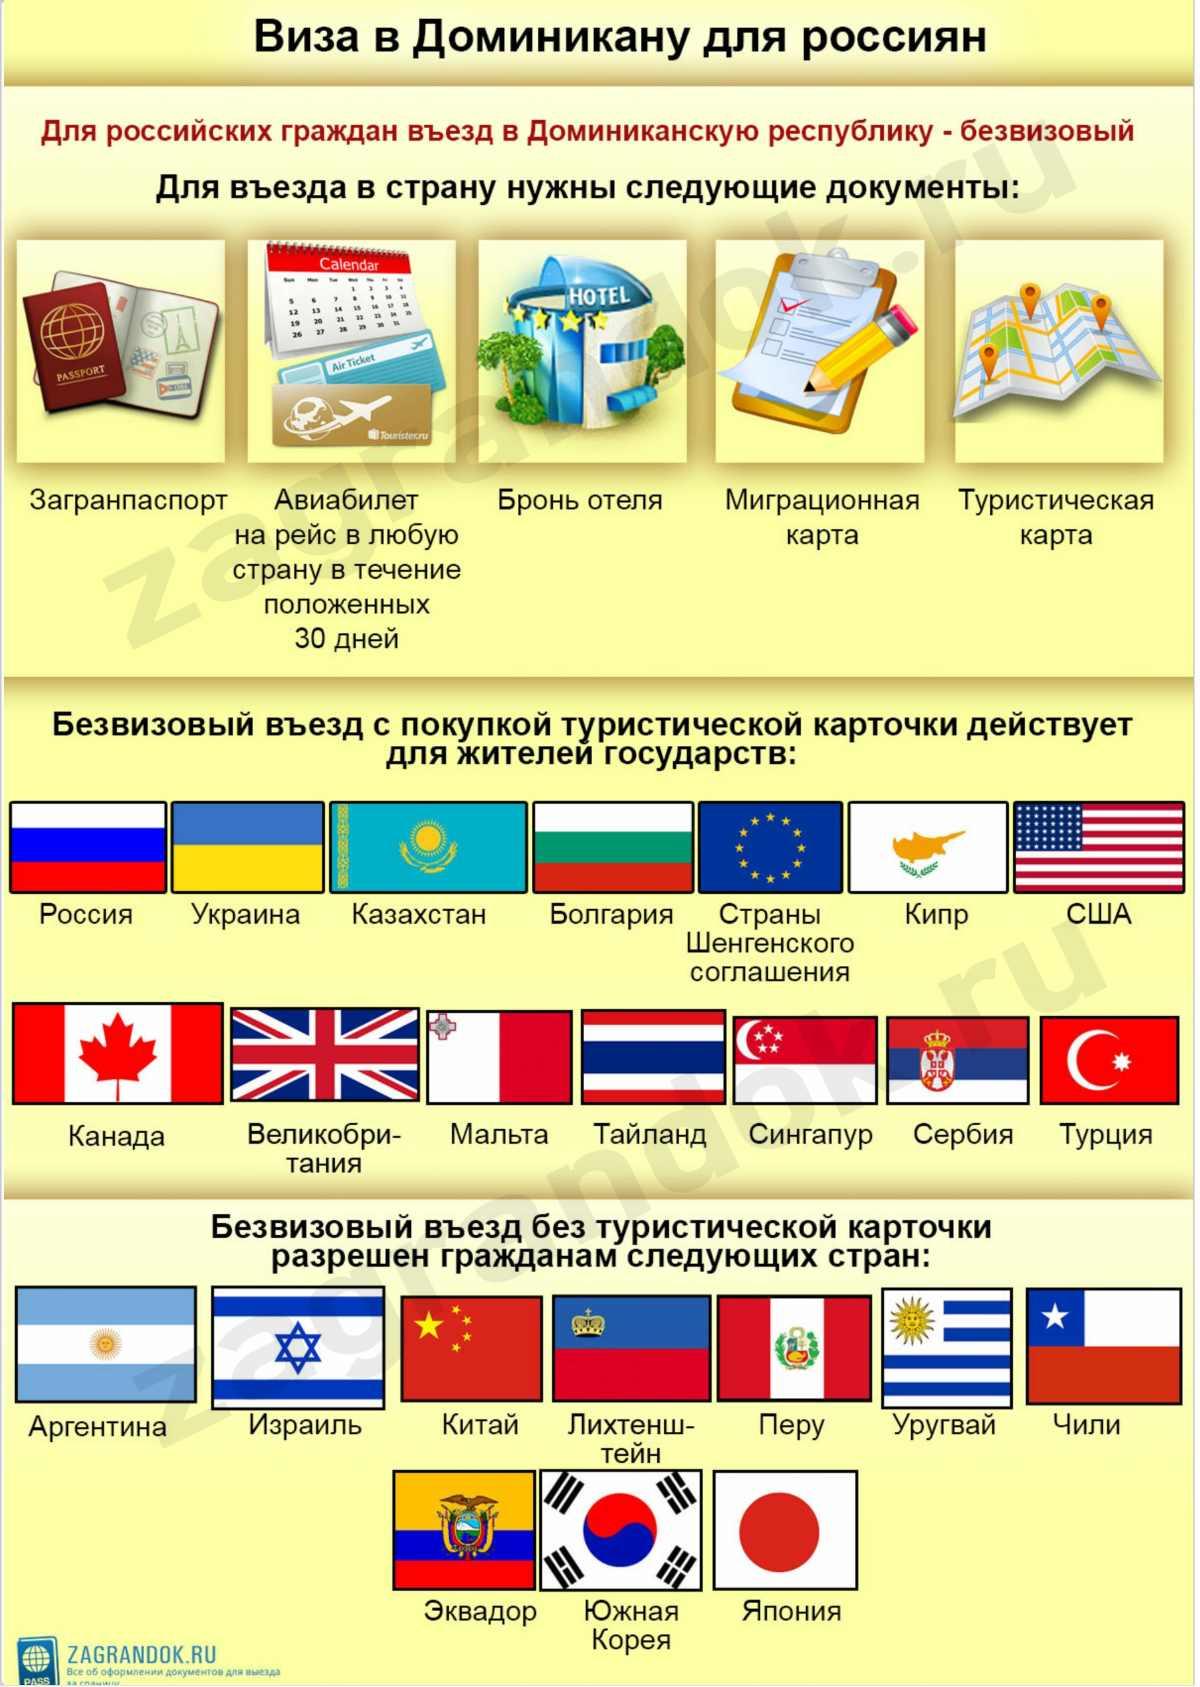 Виза в Доминикану для россиян